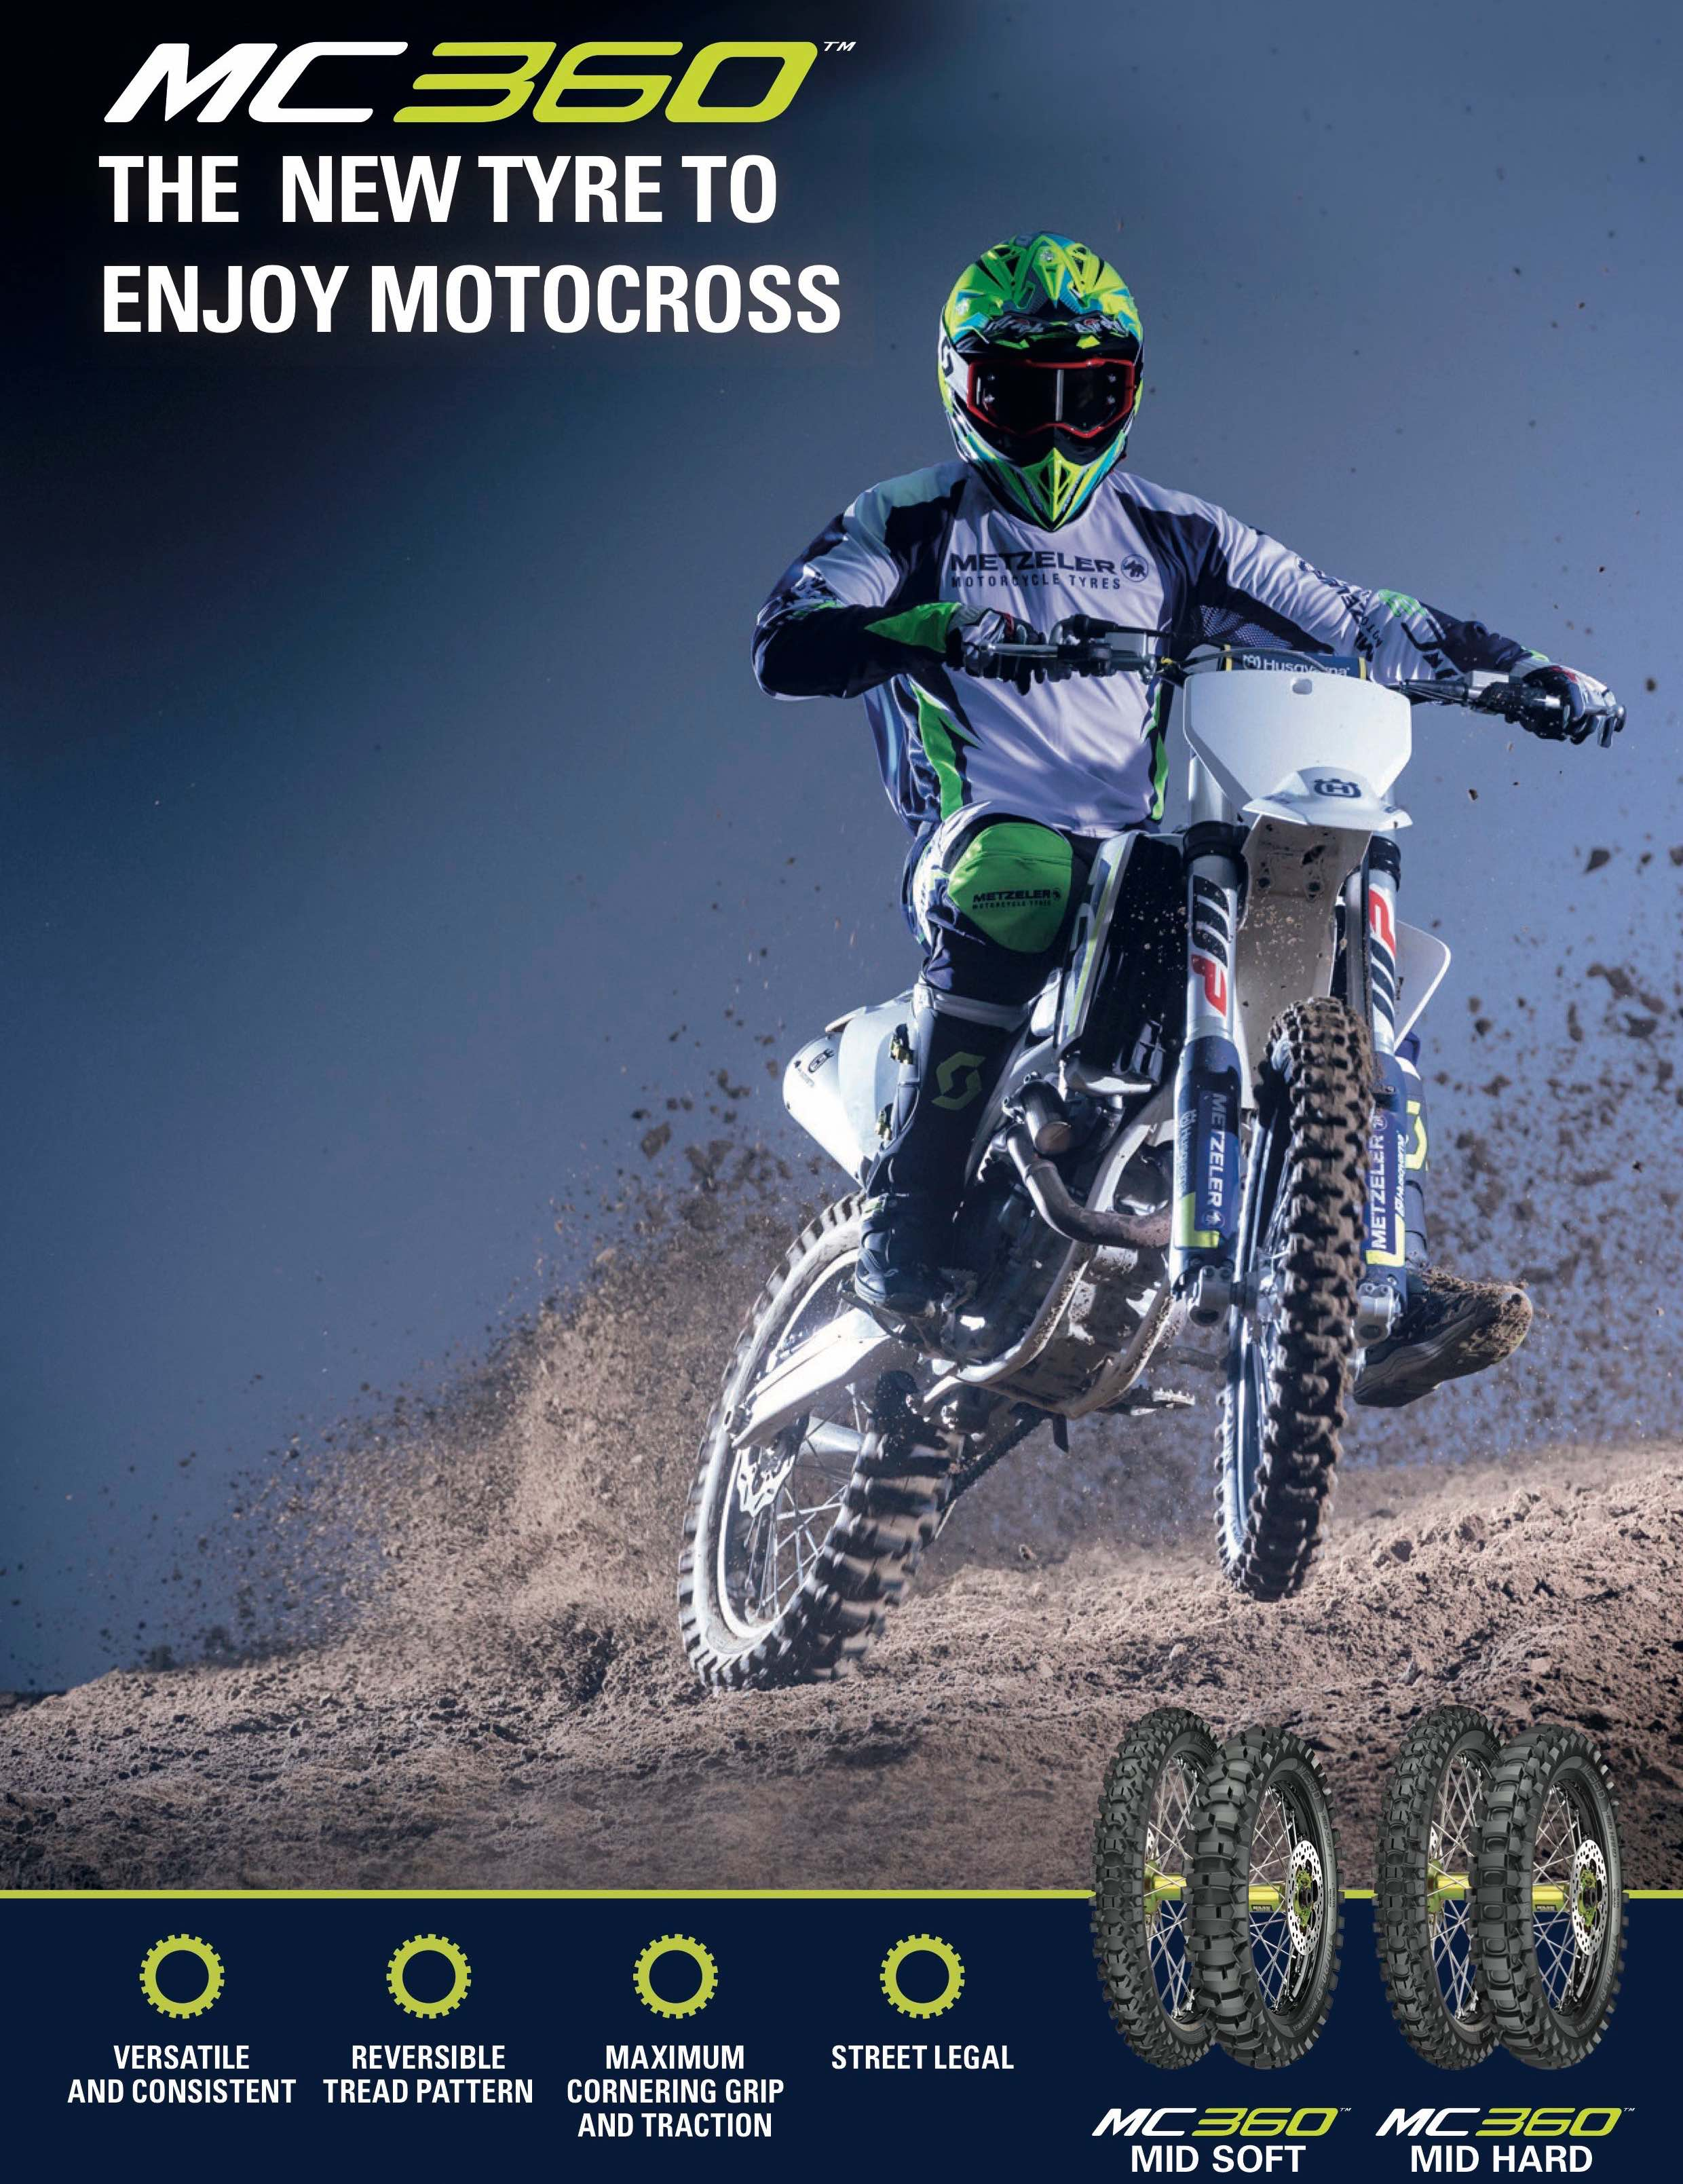 Info on the Metzeler MC360 Motocross Tyres